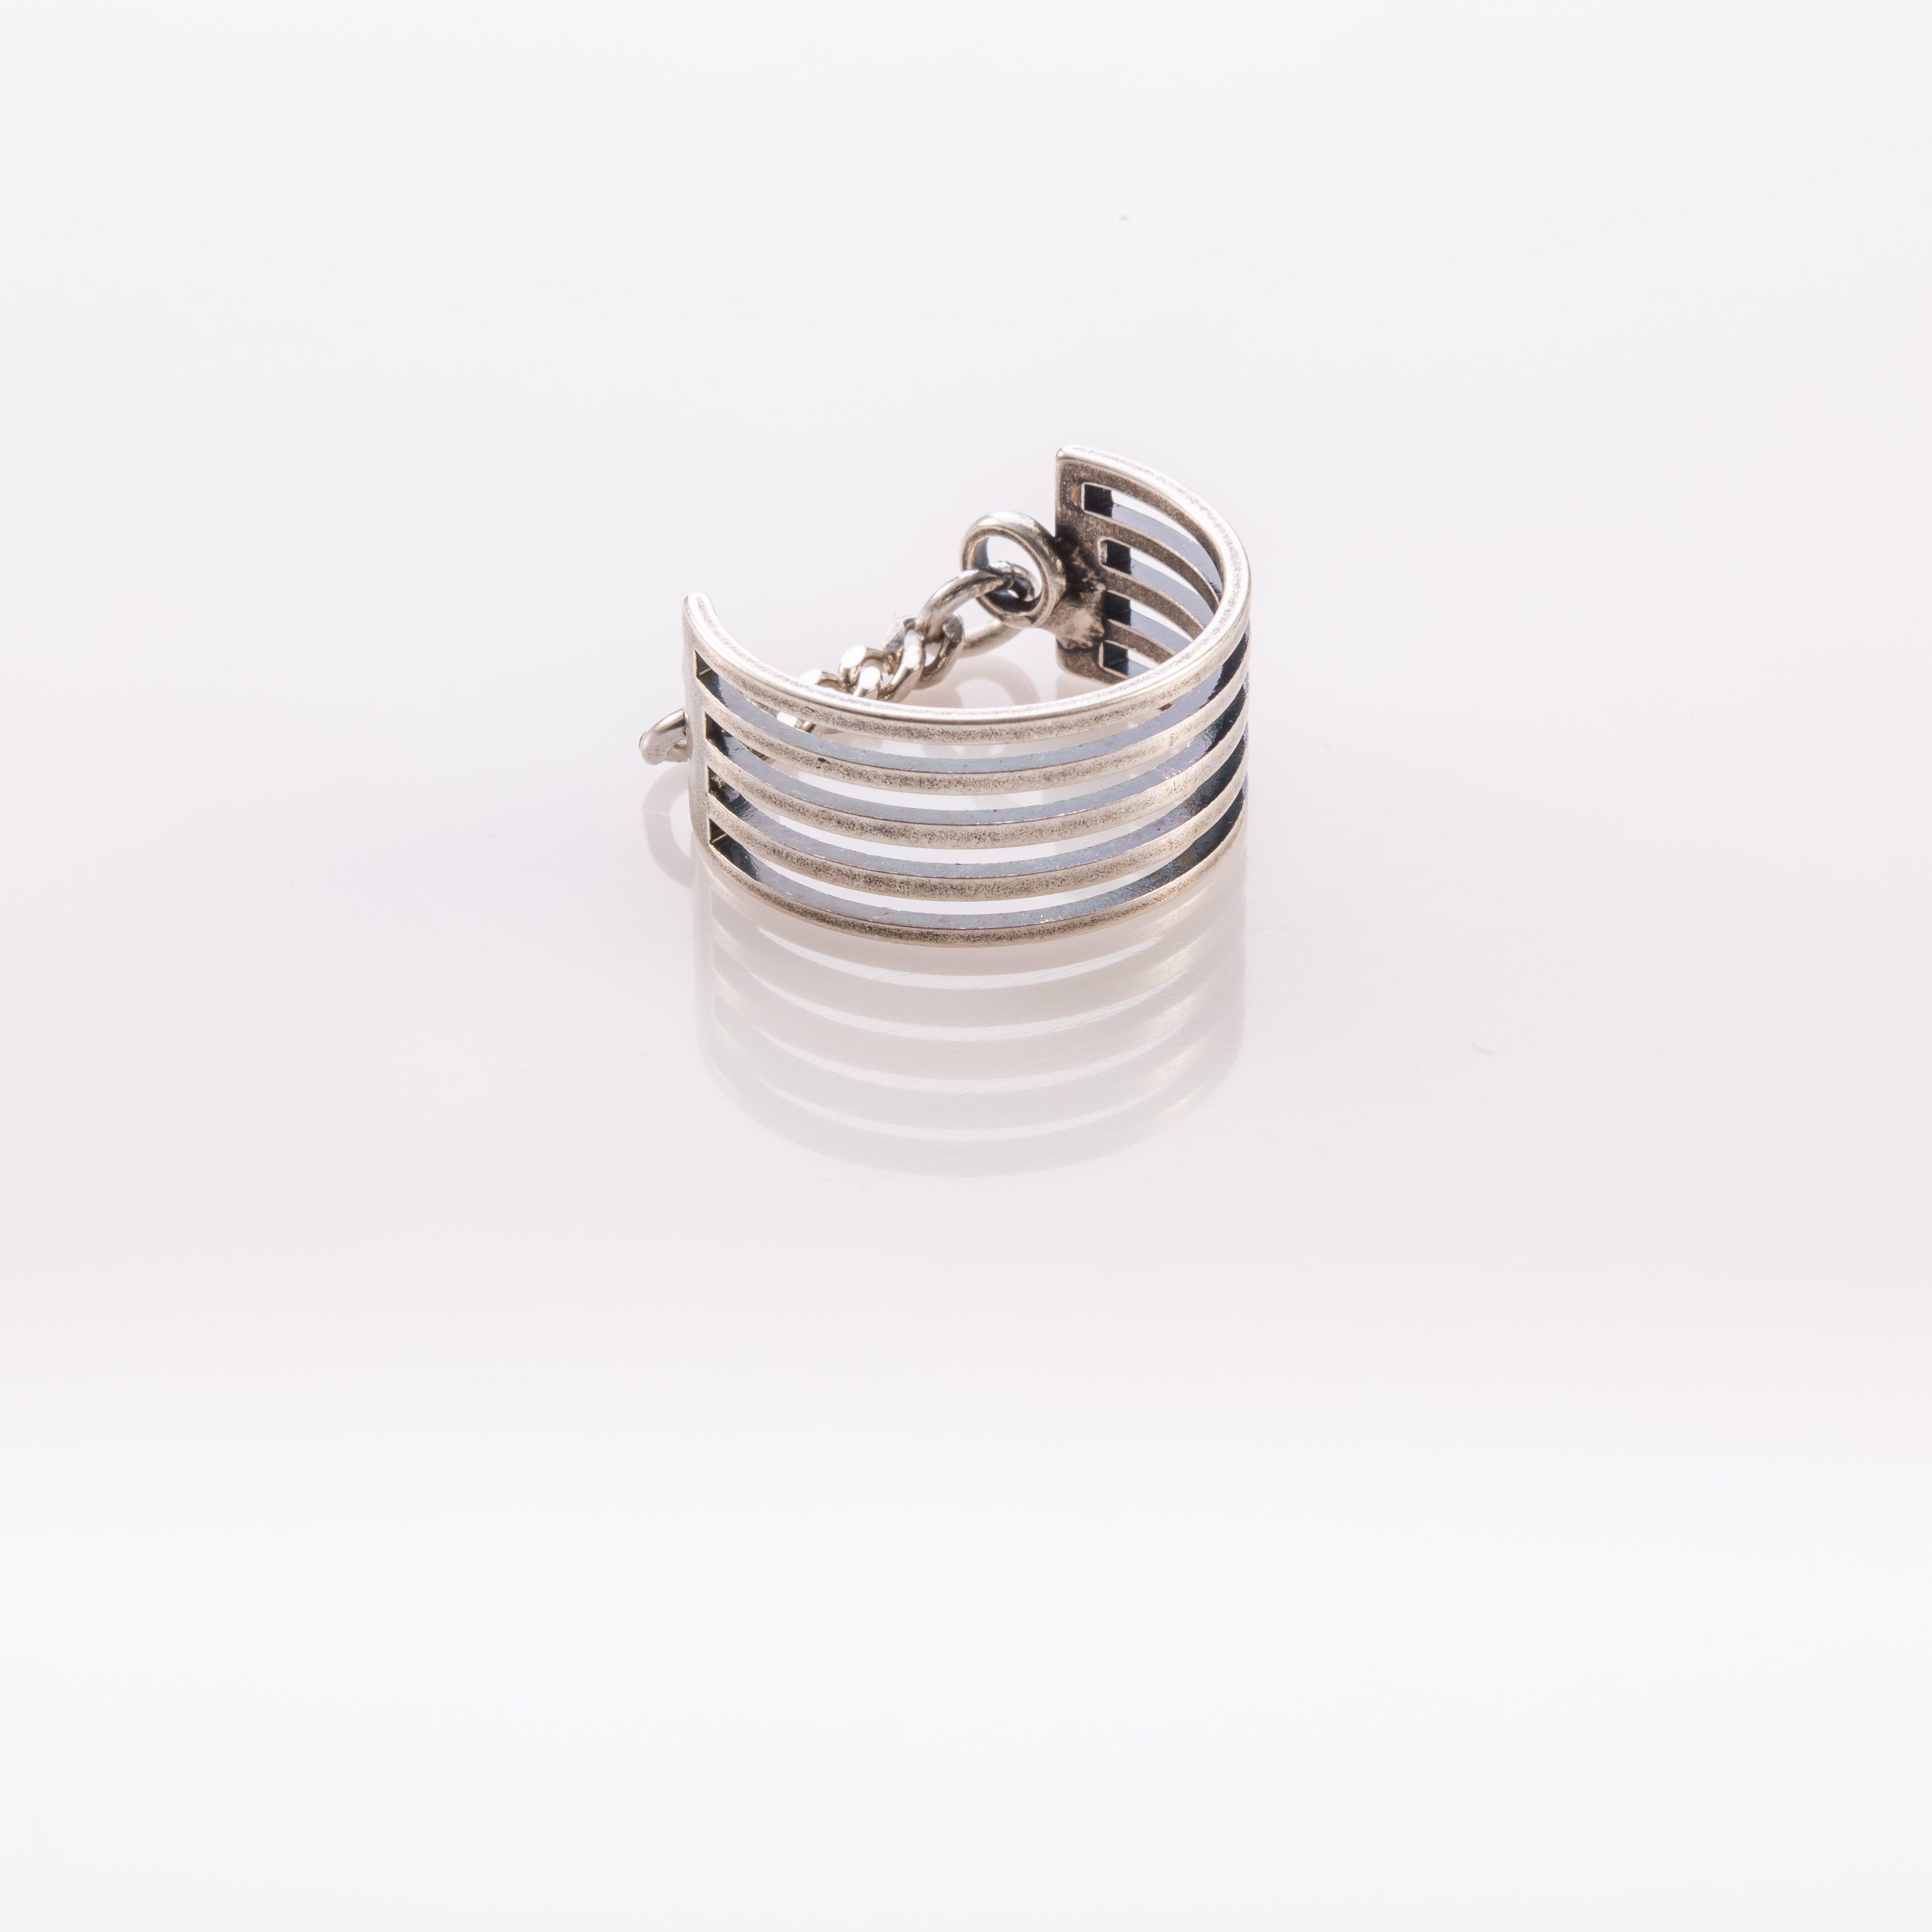 טבעת רחבה בצבע כסף הבנויה מפסי מתכת דקים ושרשרת גורמט דקה בחלק האחורי.